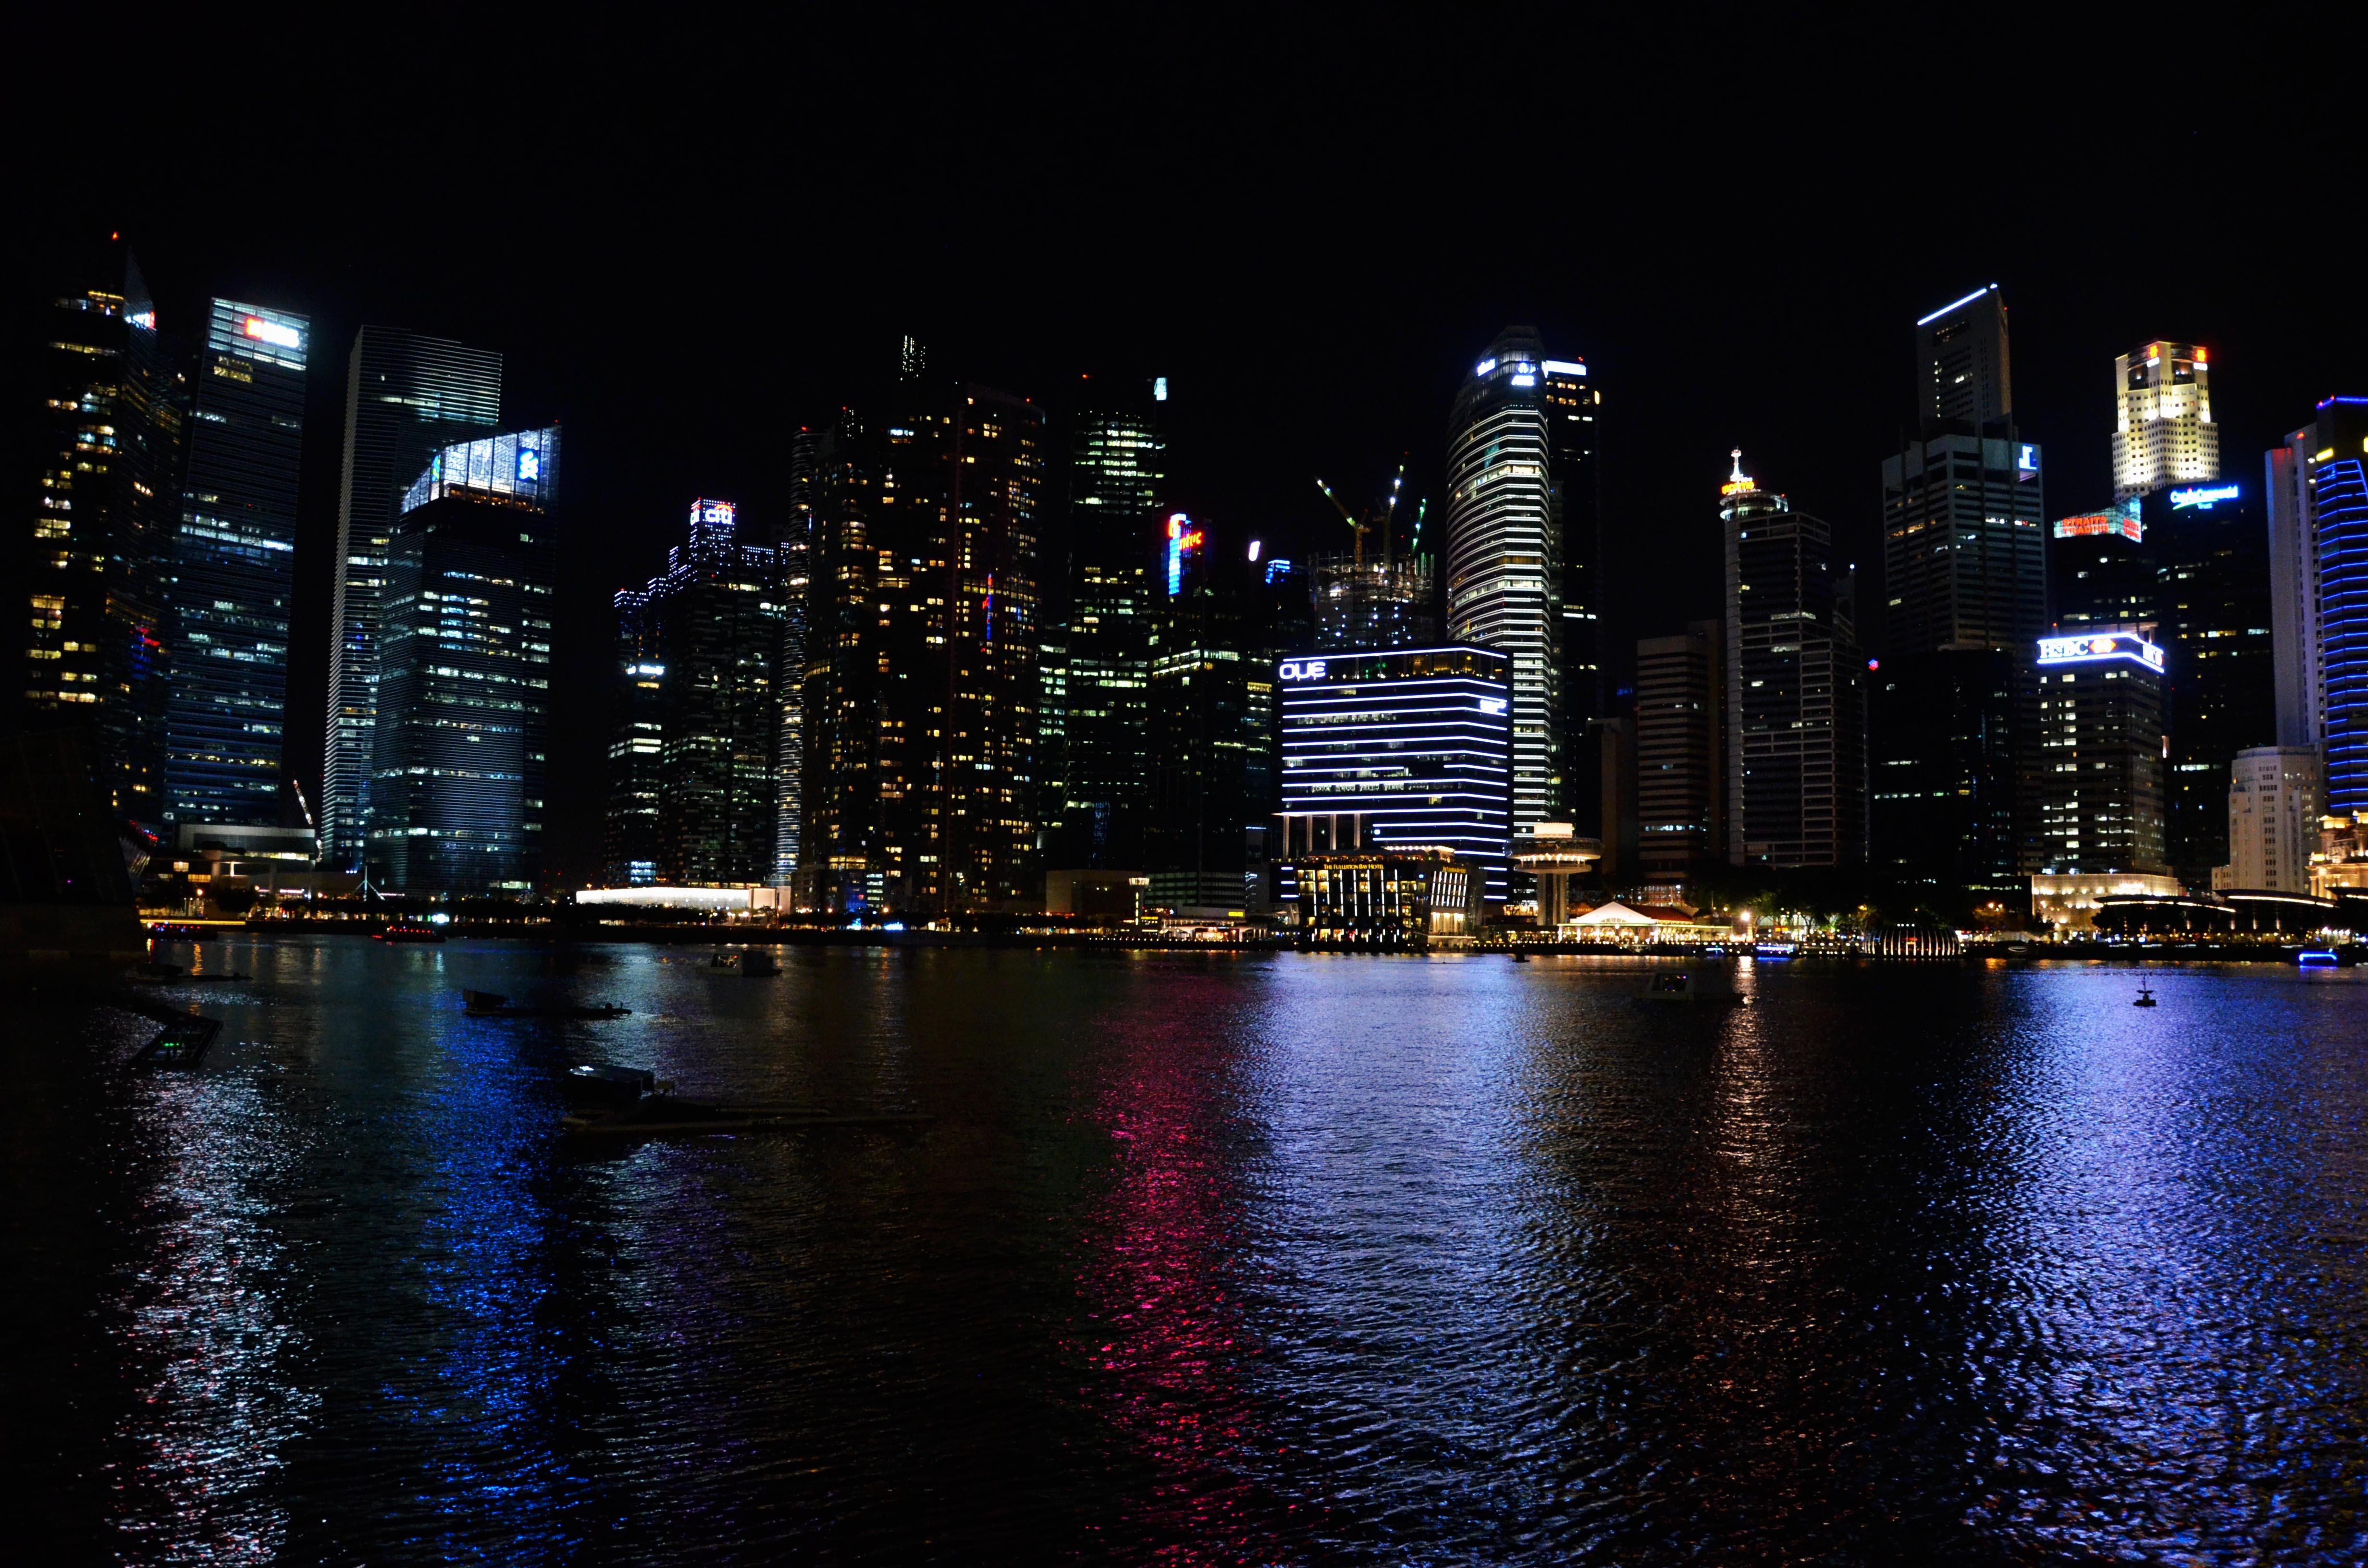 Wunderschönstes Lichtspiel in der Marina Bay